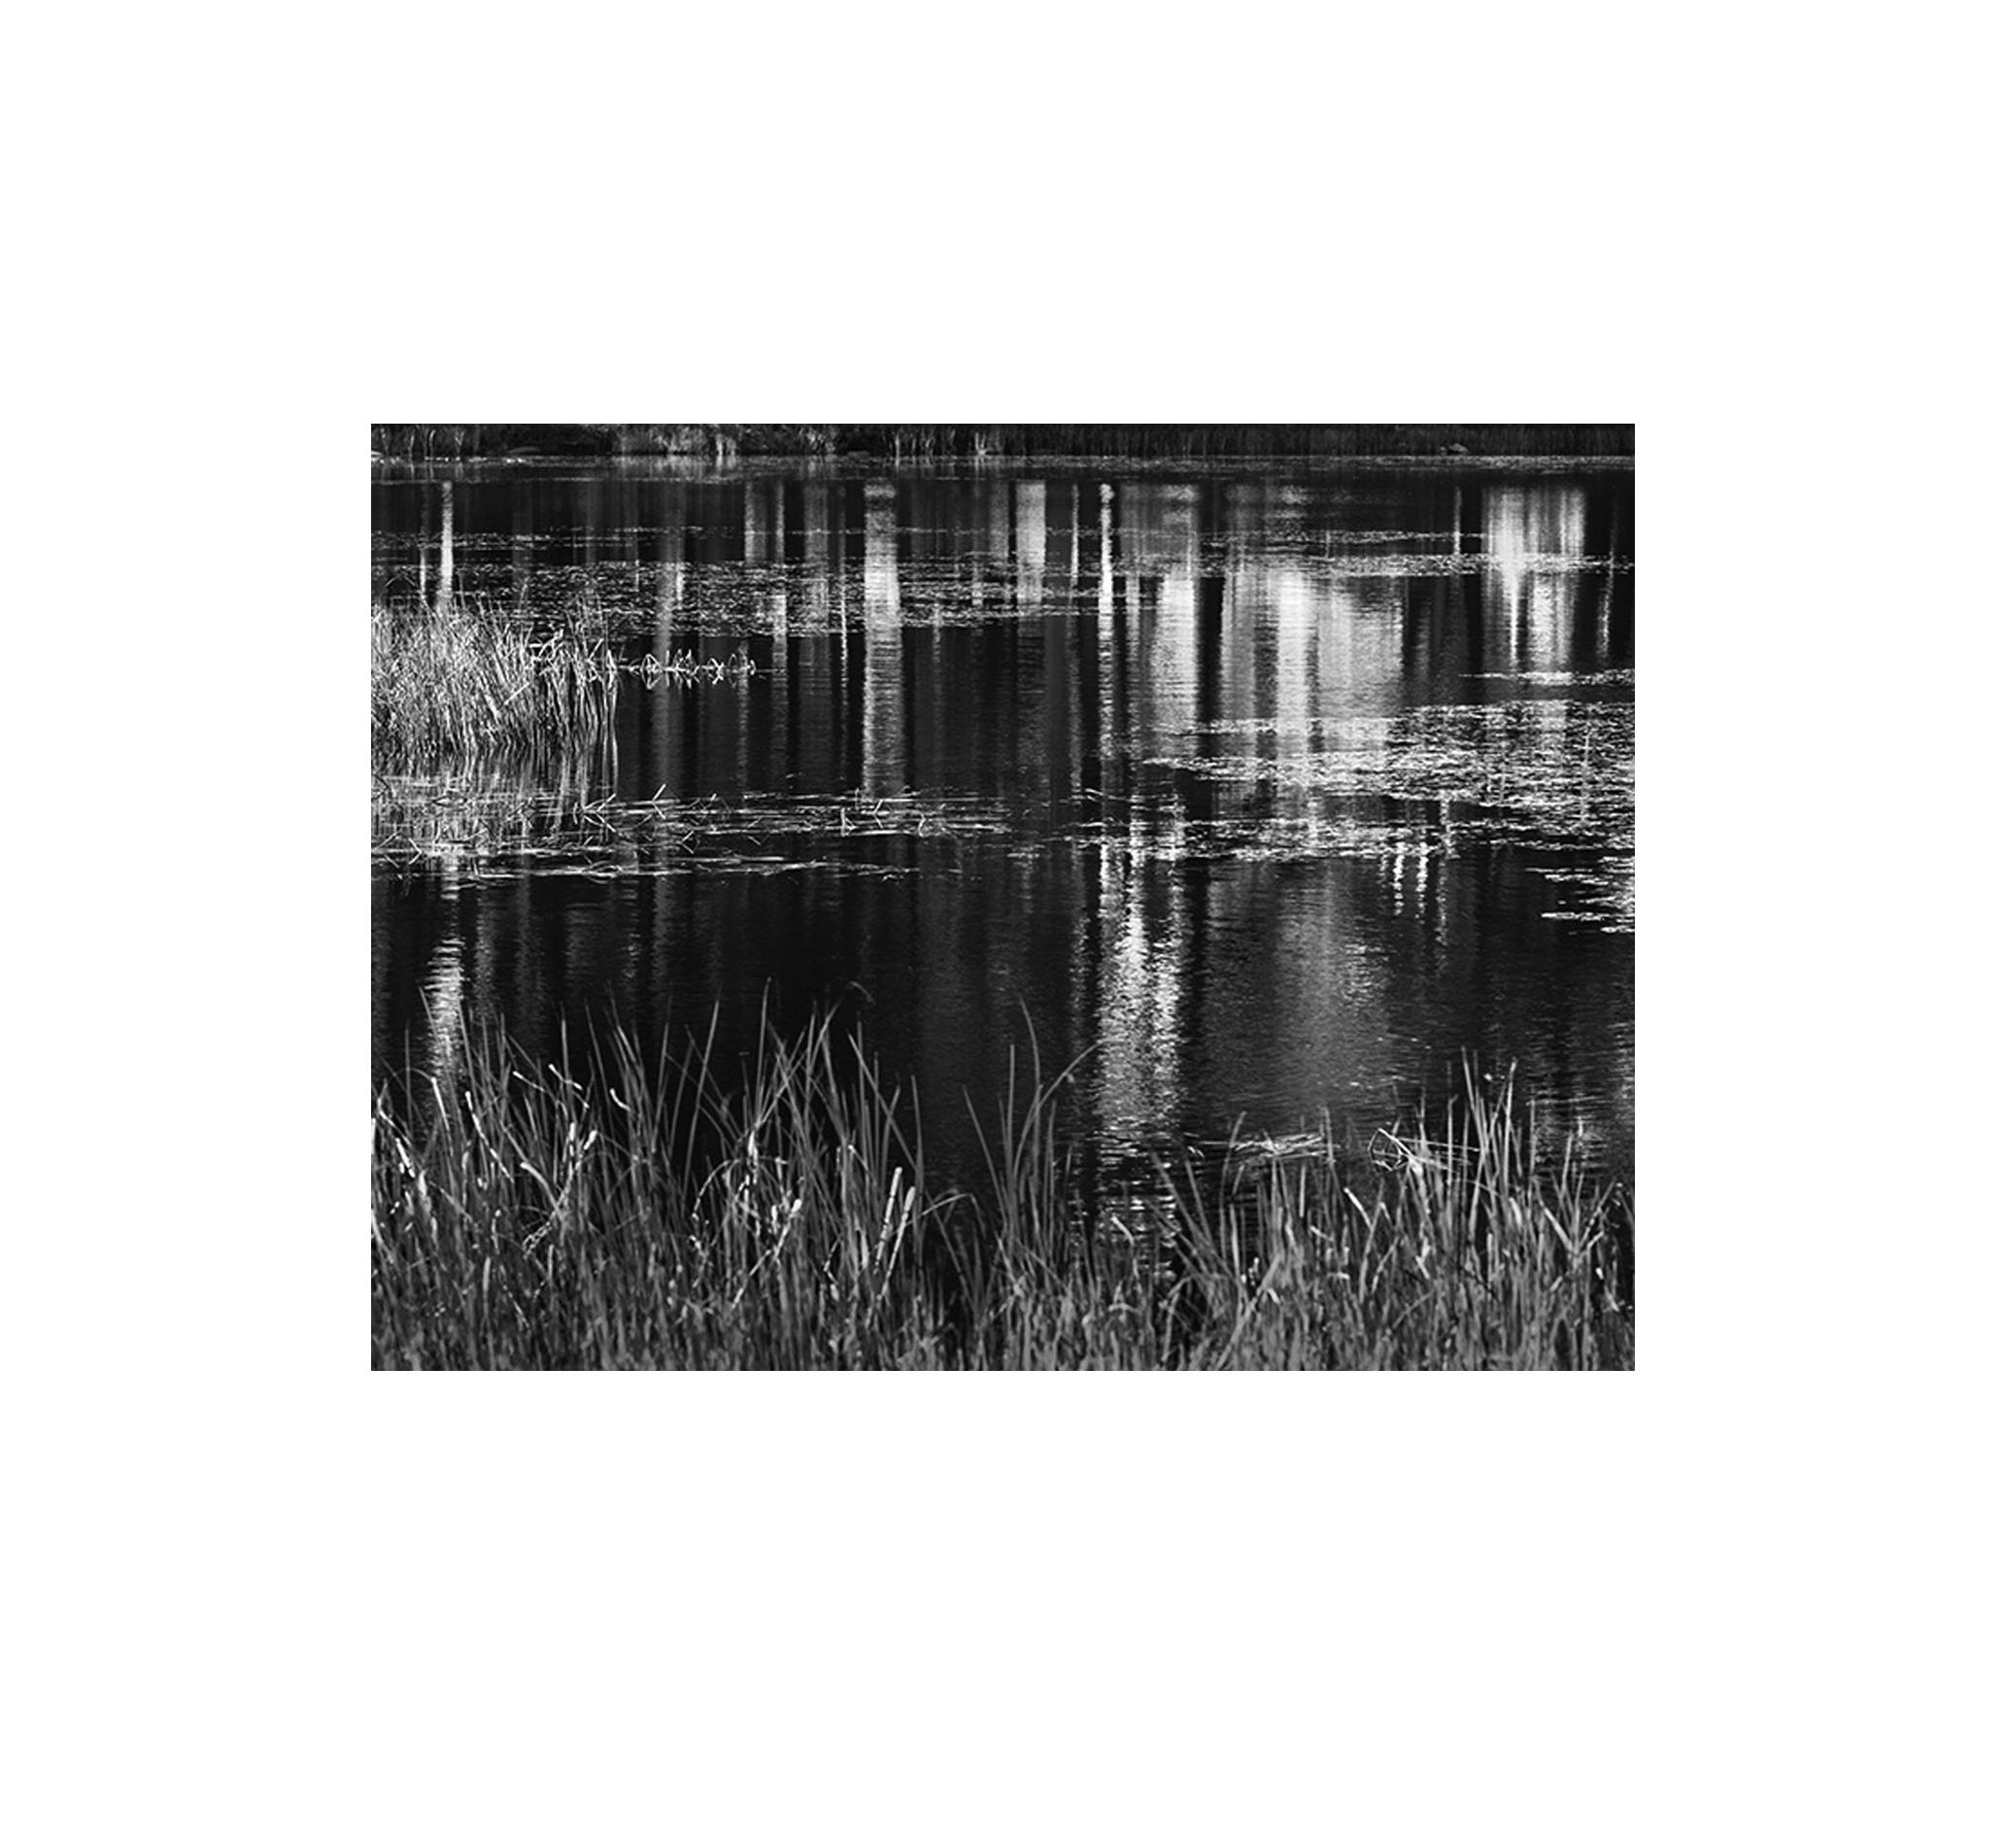 Water Rhythms